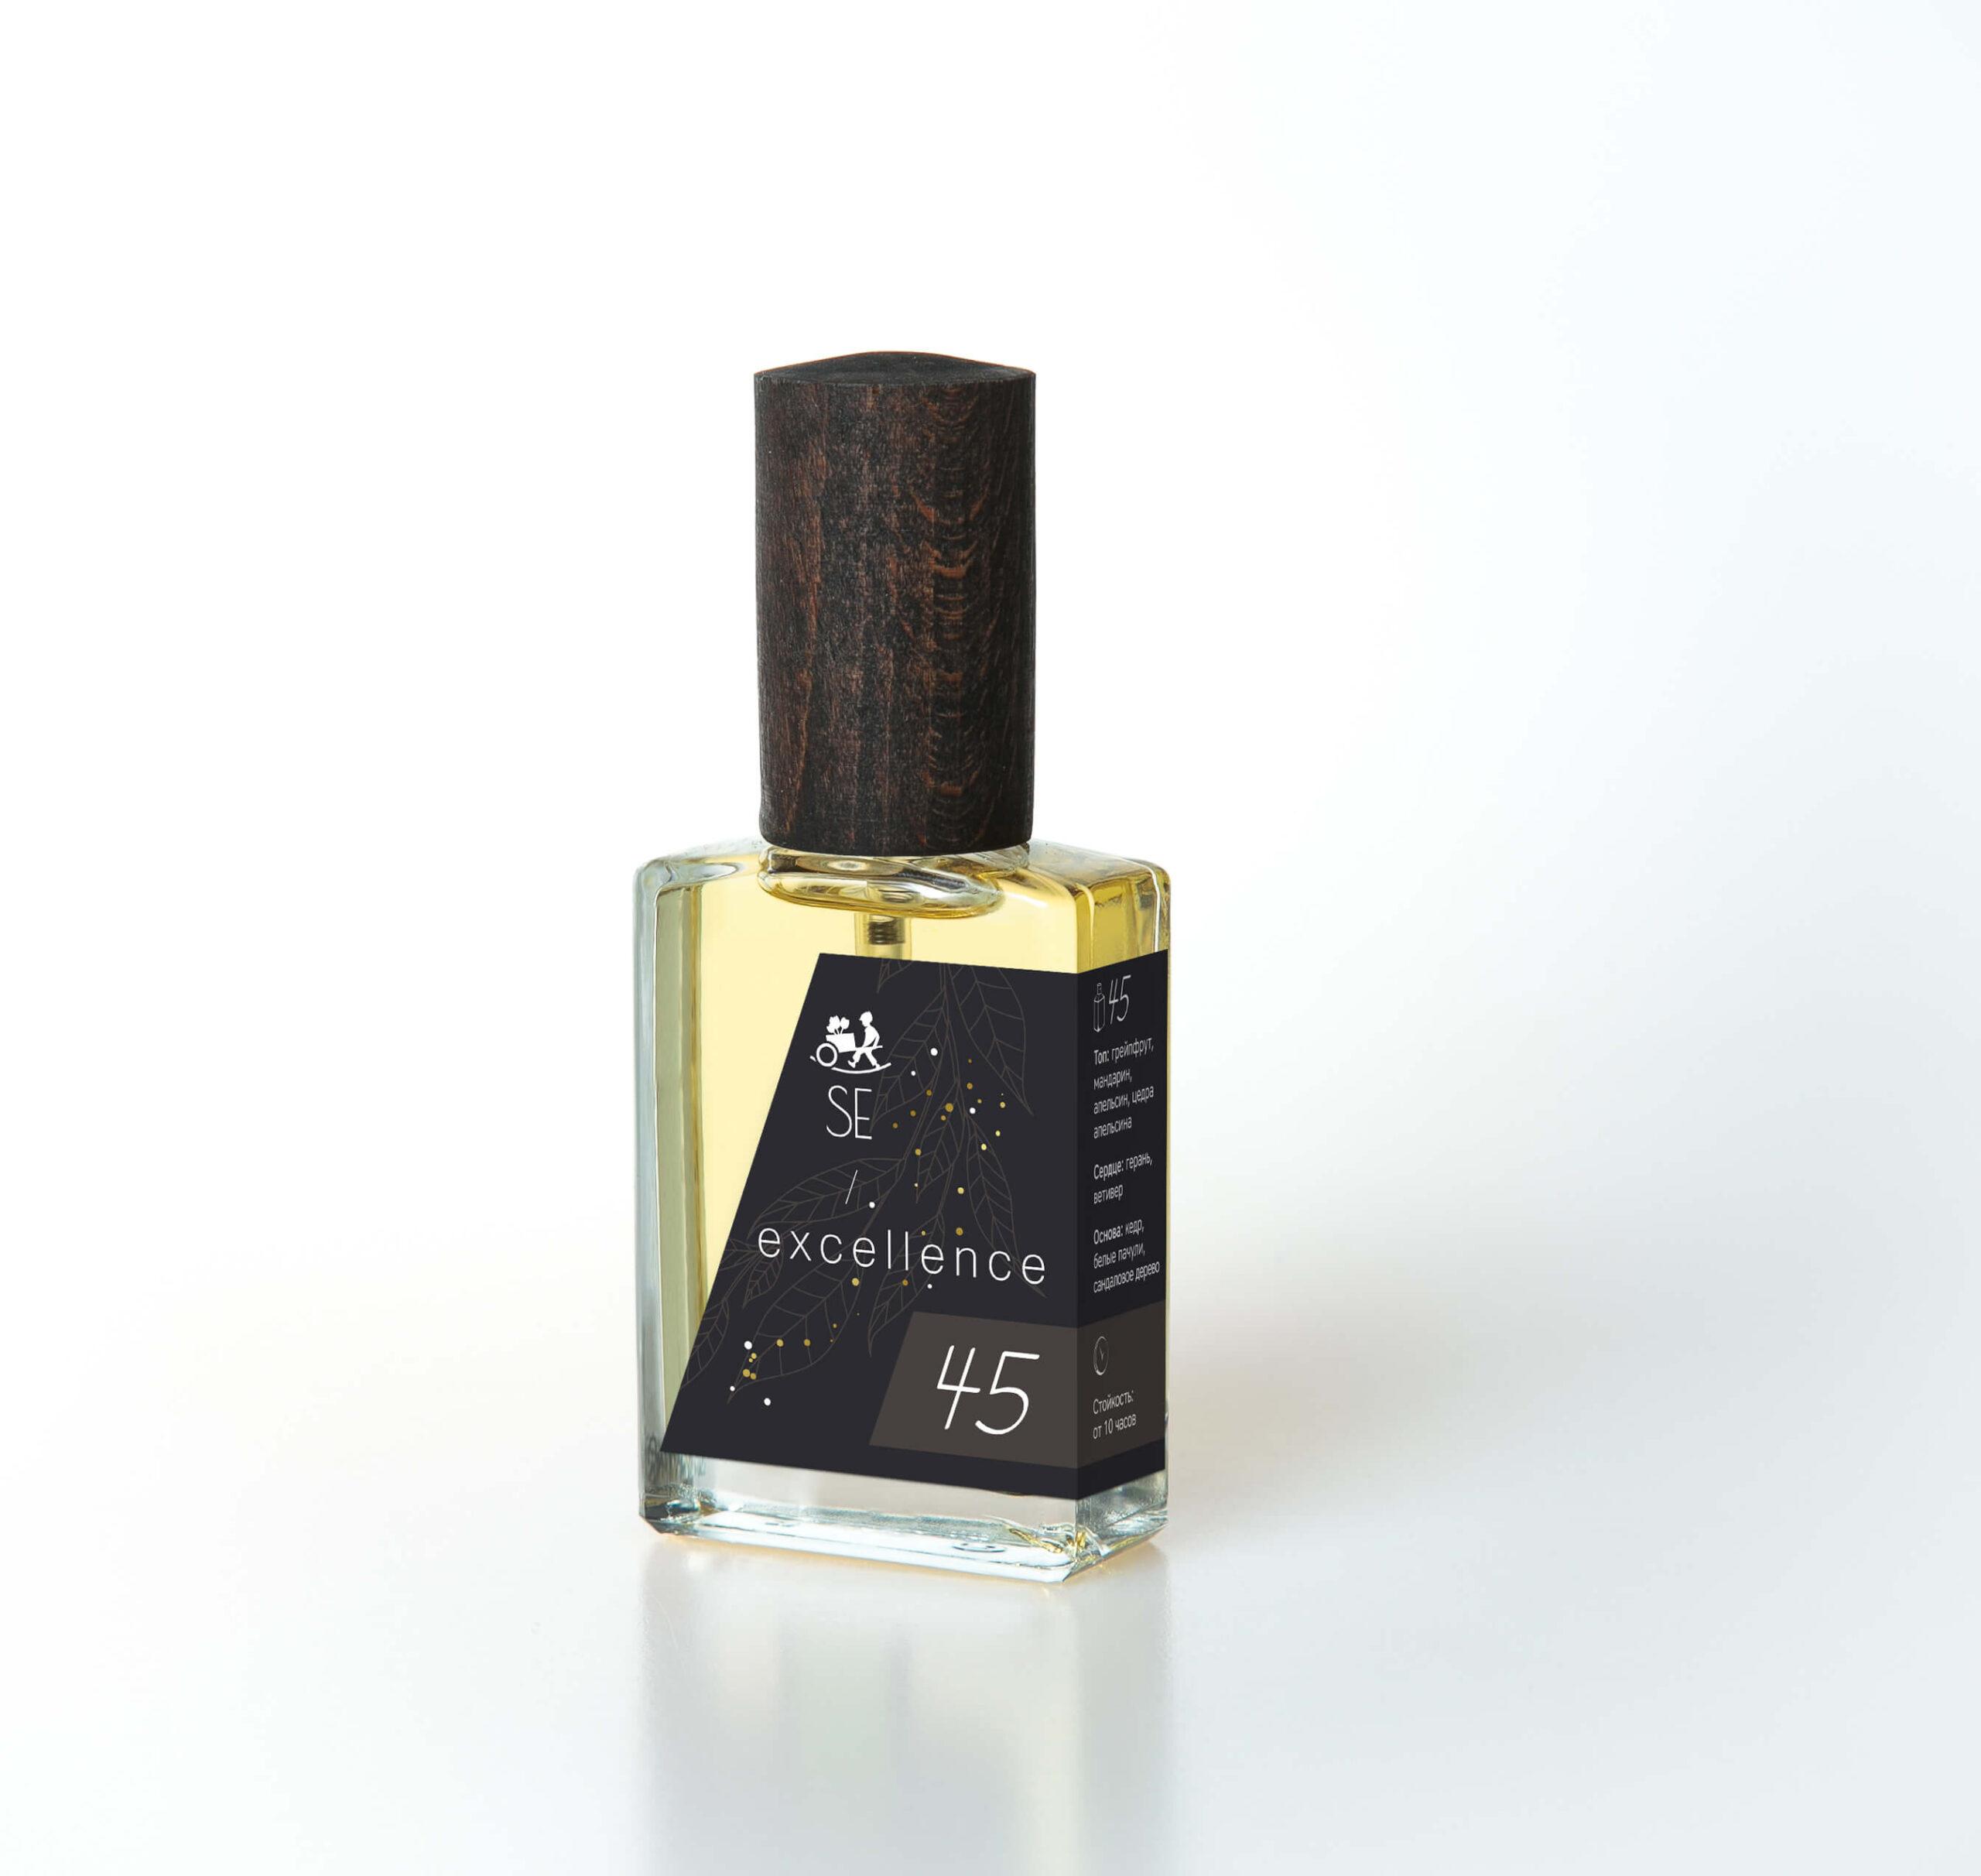 Насыщенный, цитрусово-древесный аромат